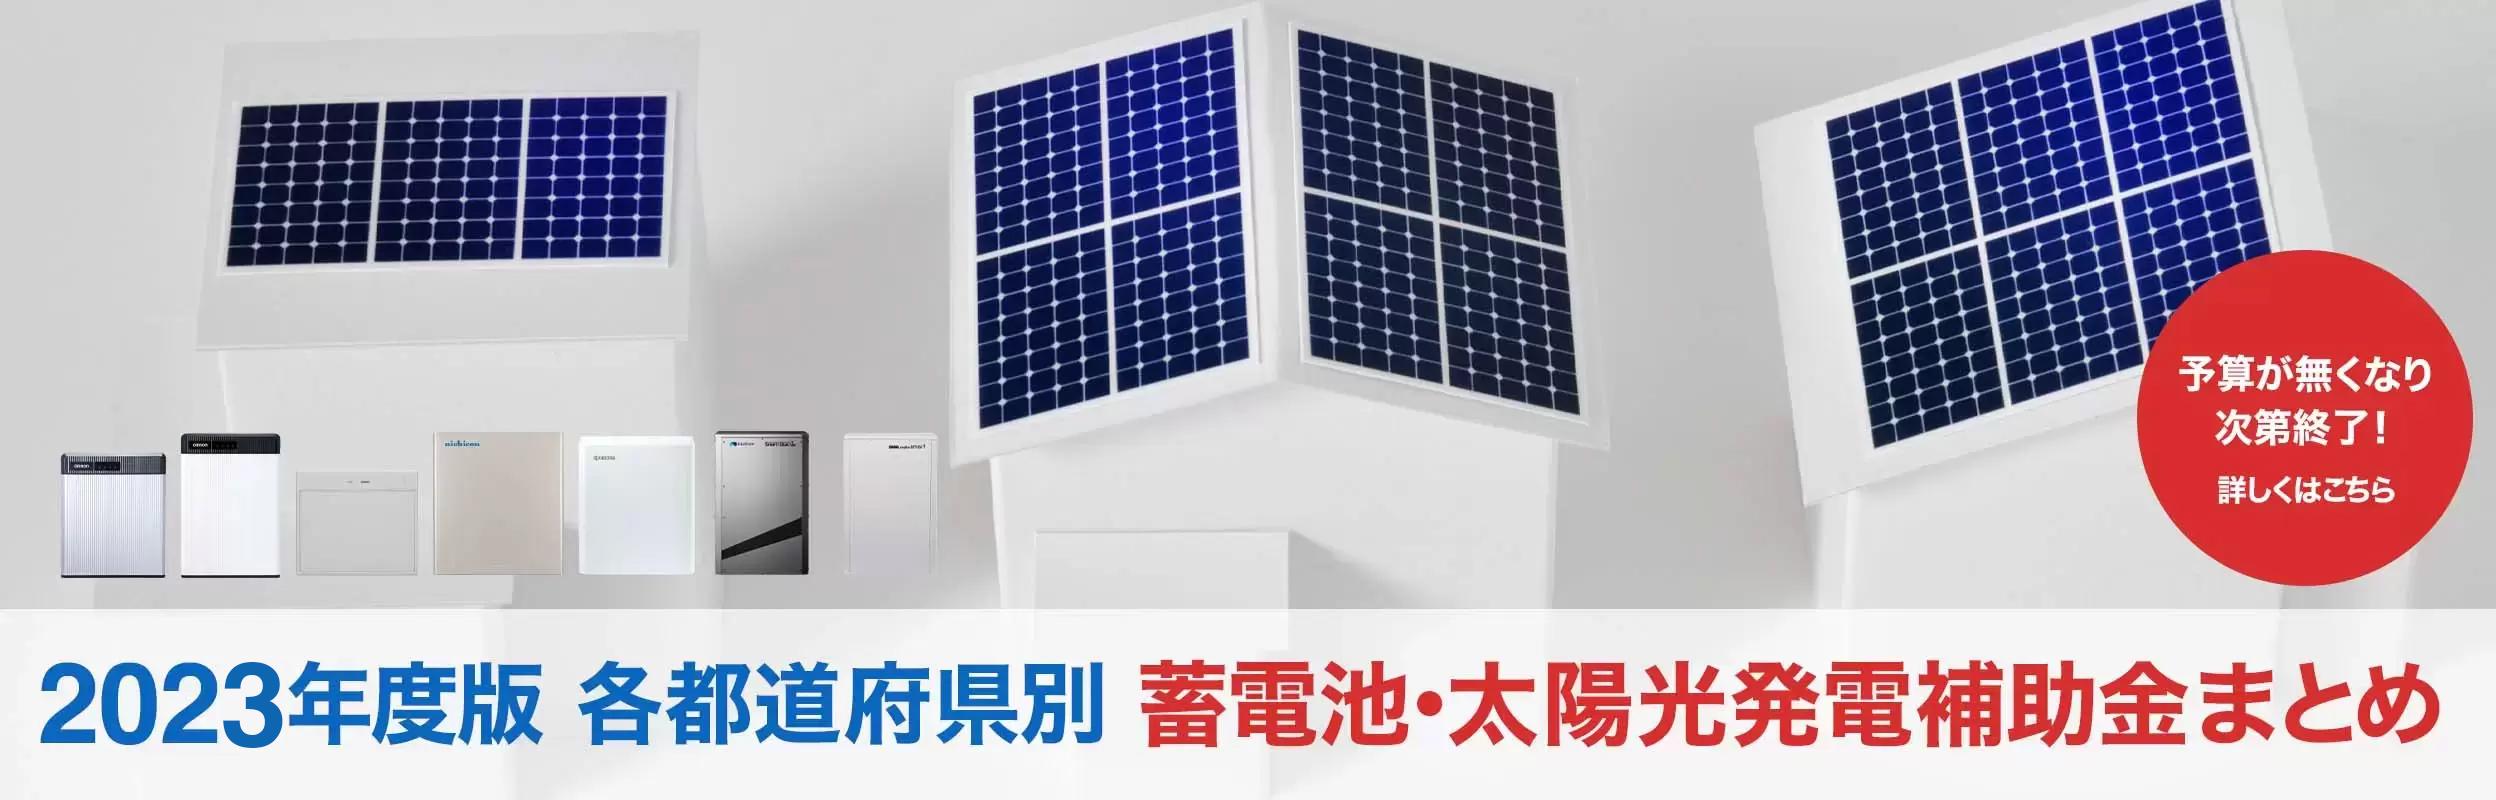 2021年蓄電池・太陽光都道府県別補助金まと